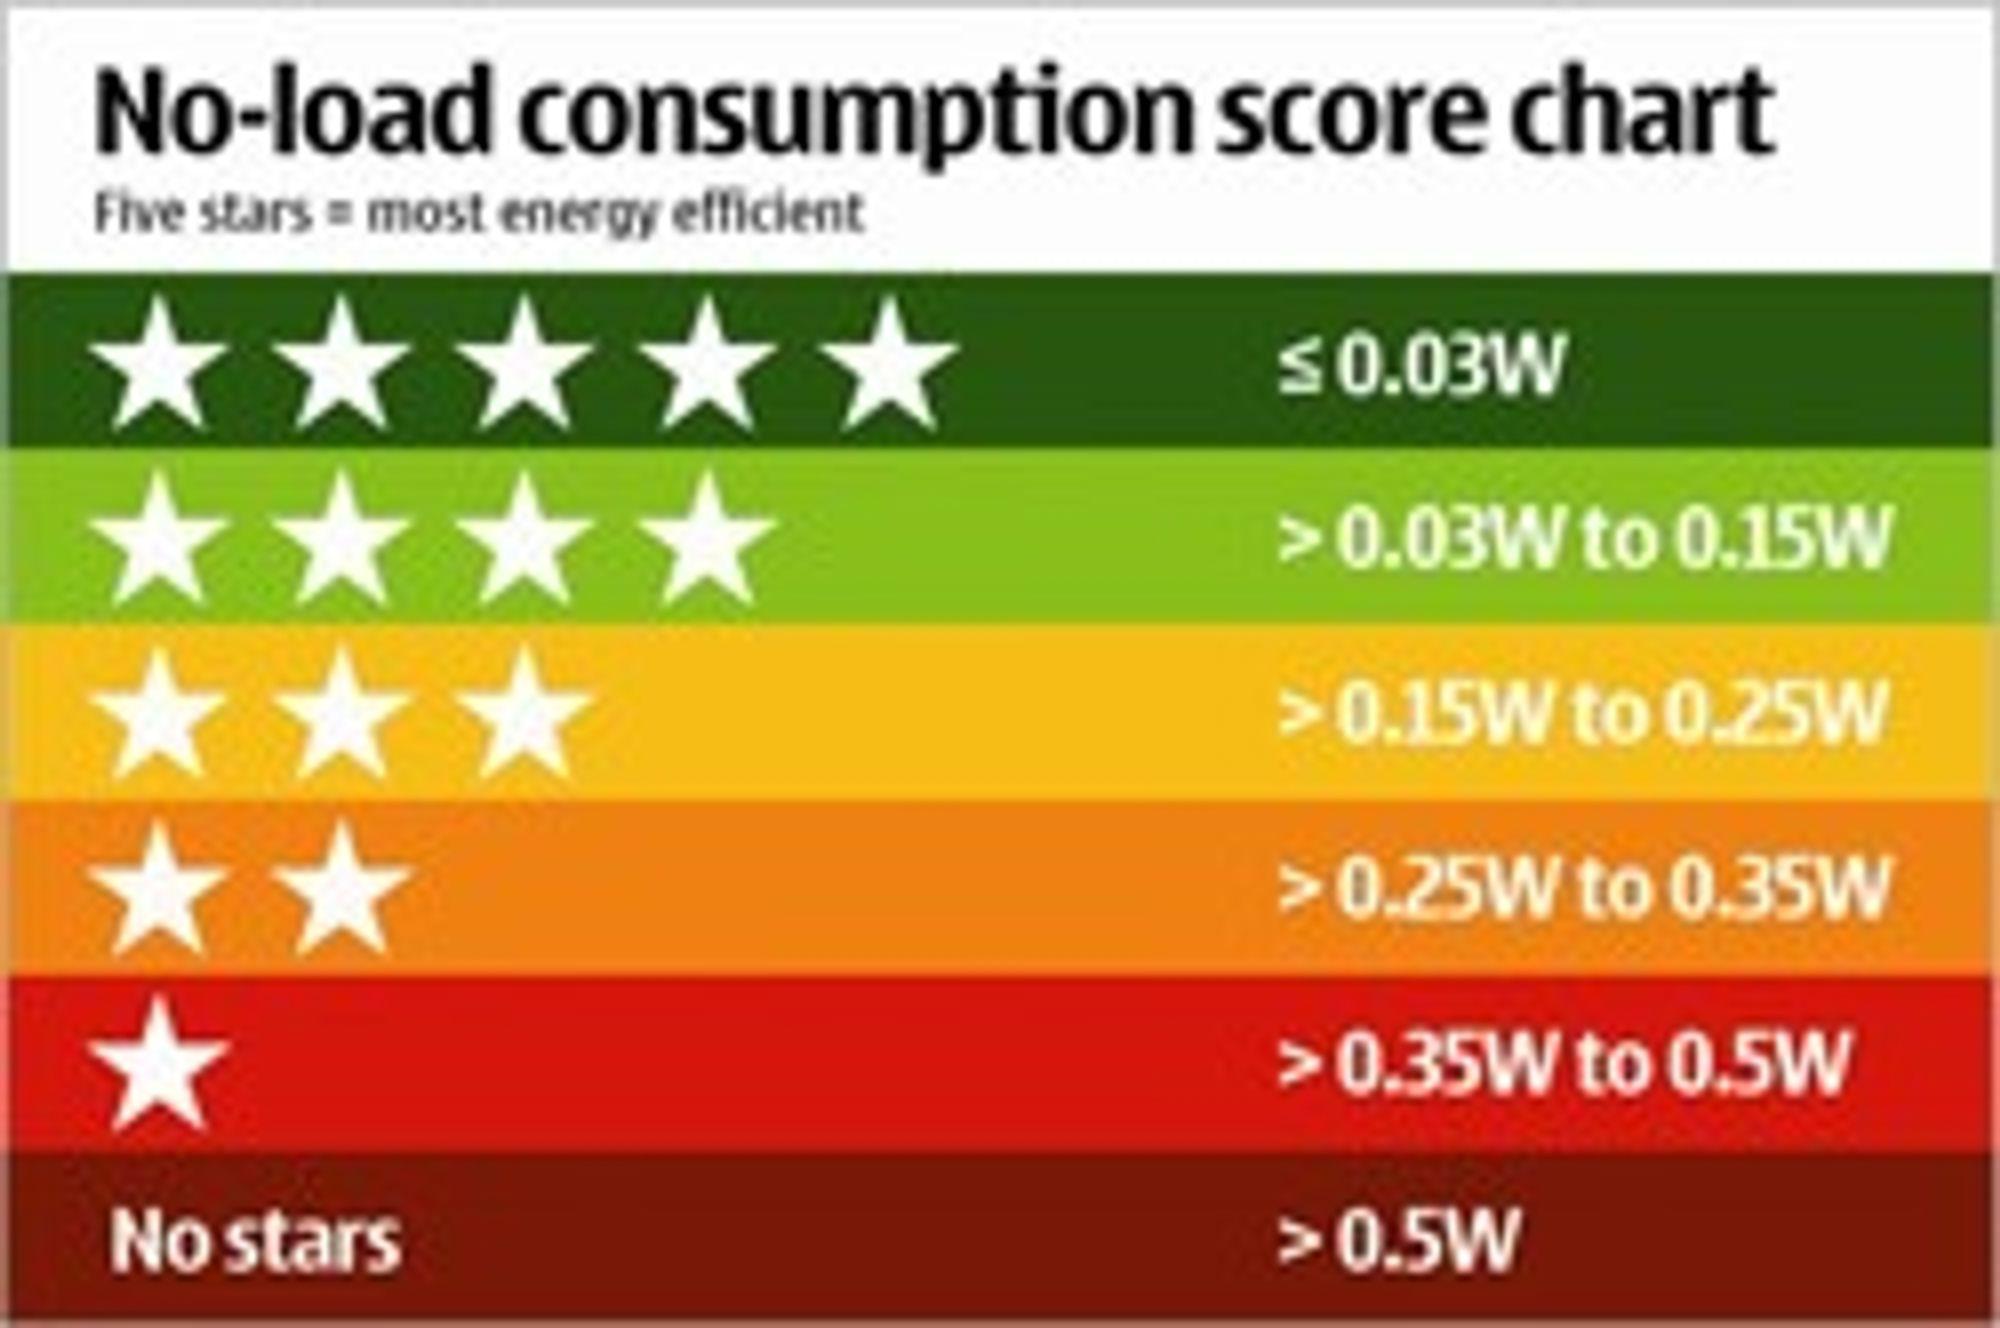 Mobilladerne som bruker minst strøm på tomgang kvalifiserer de fem stjerner, de dårligste får null.